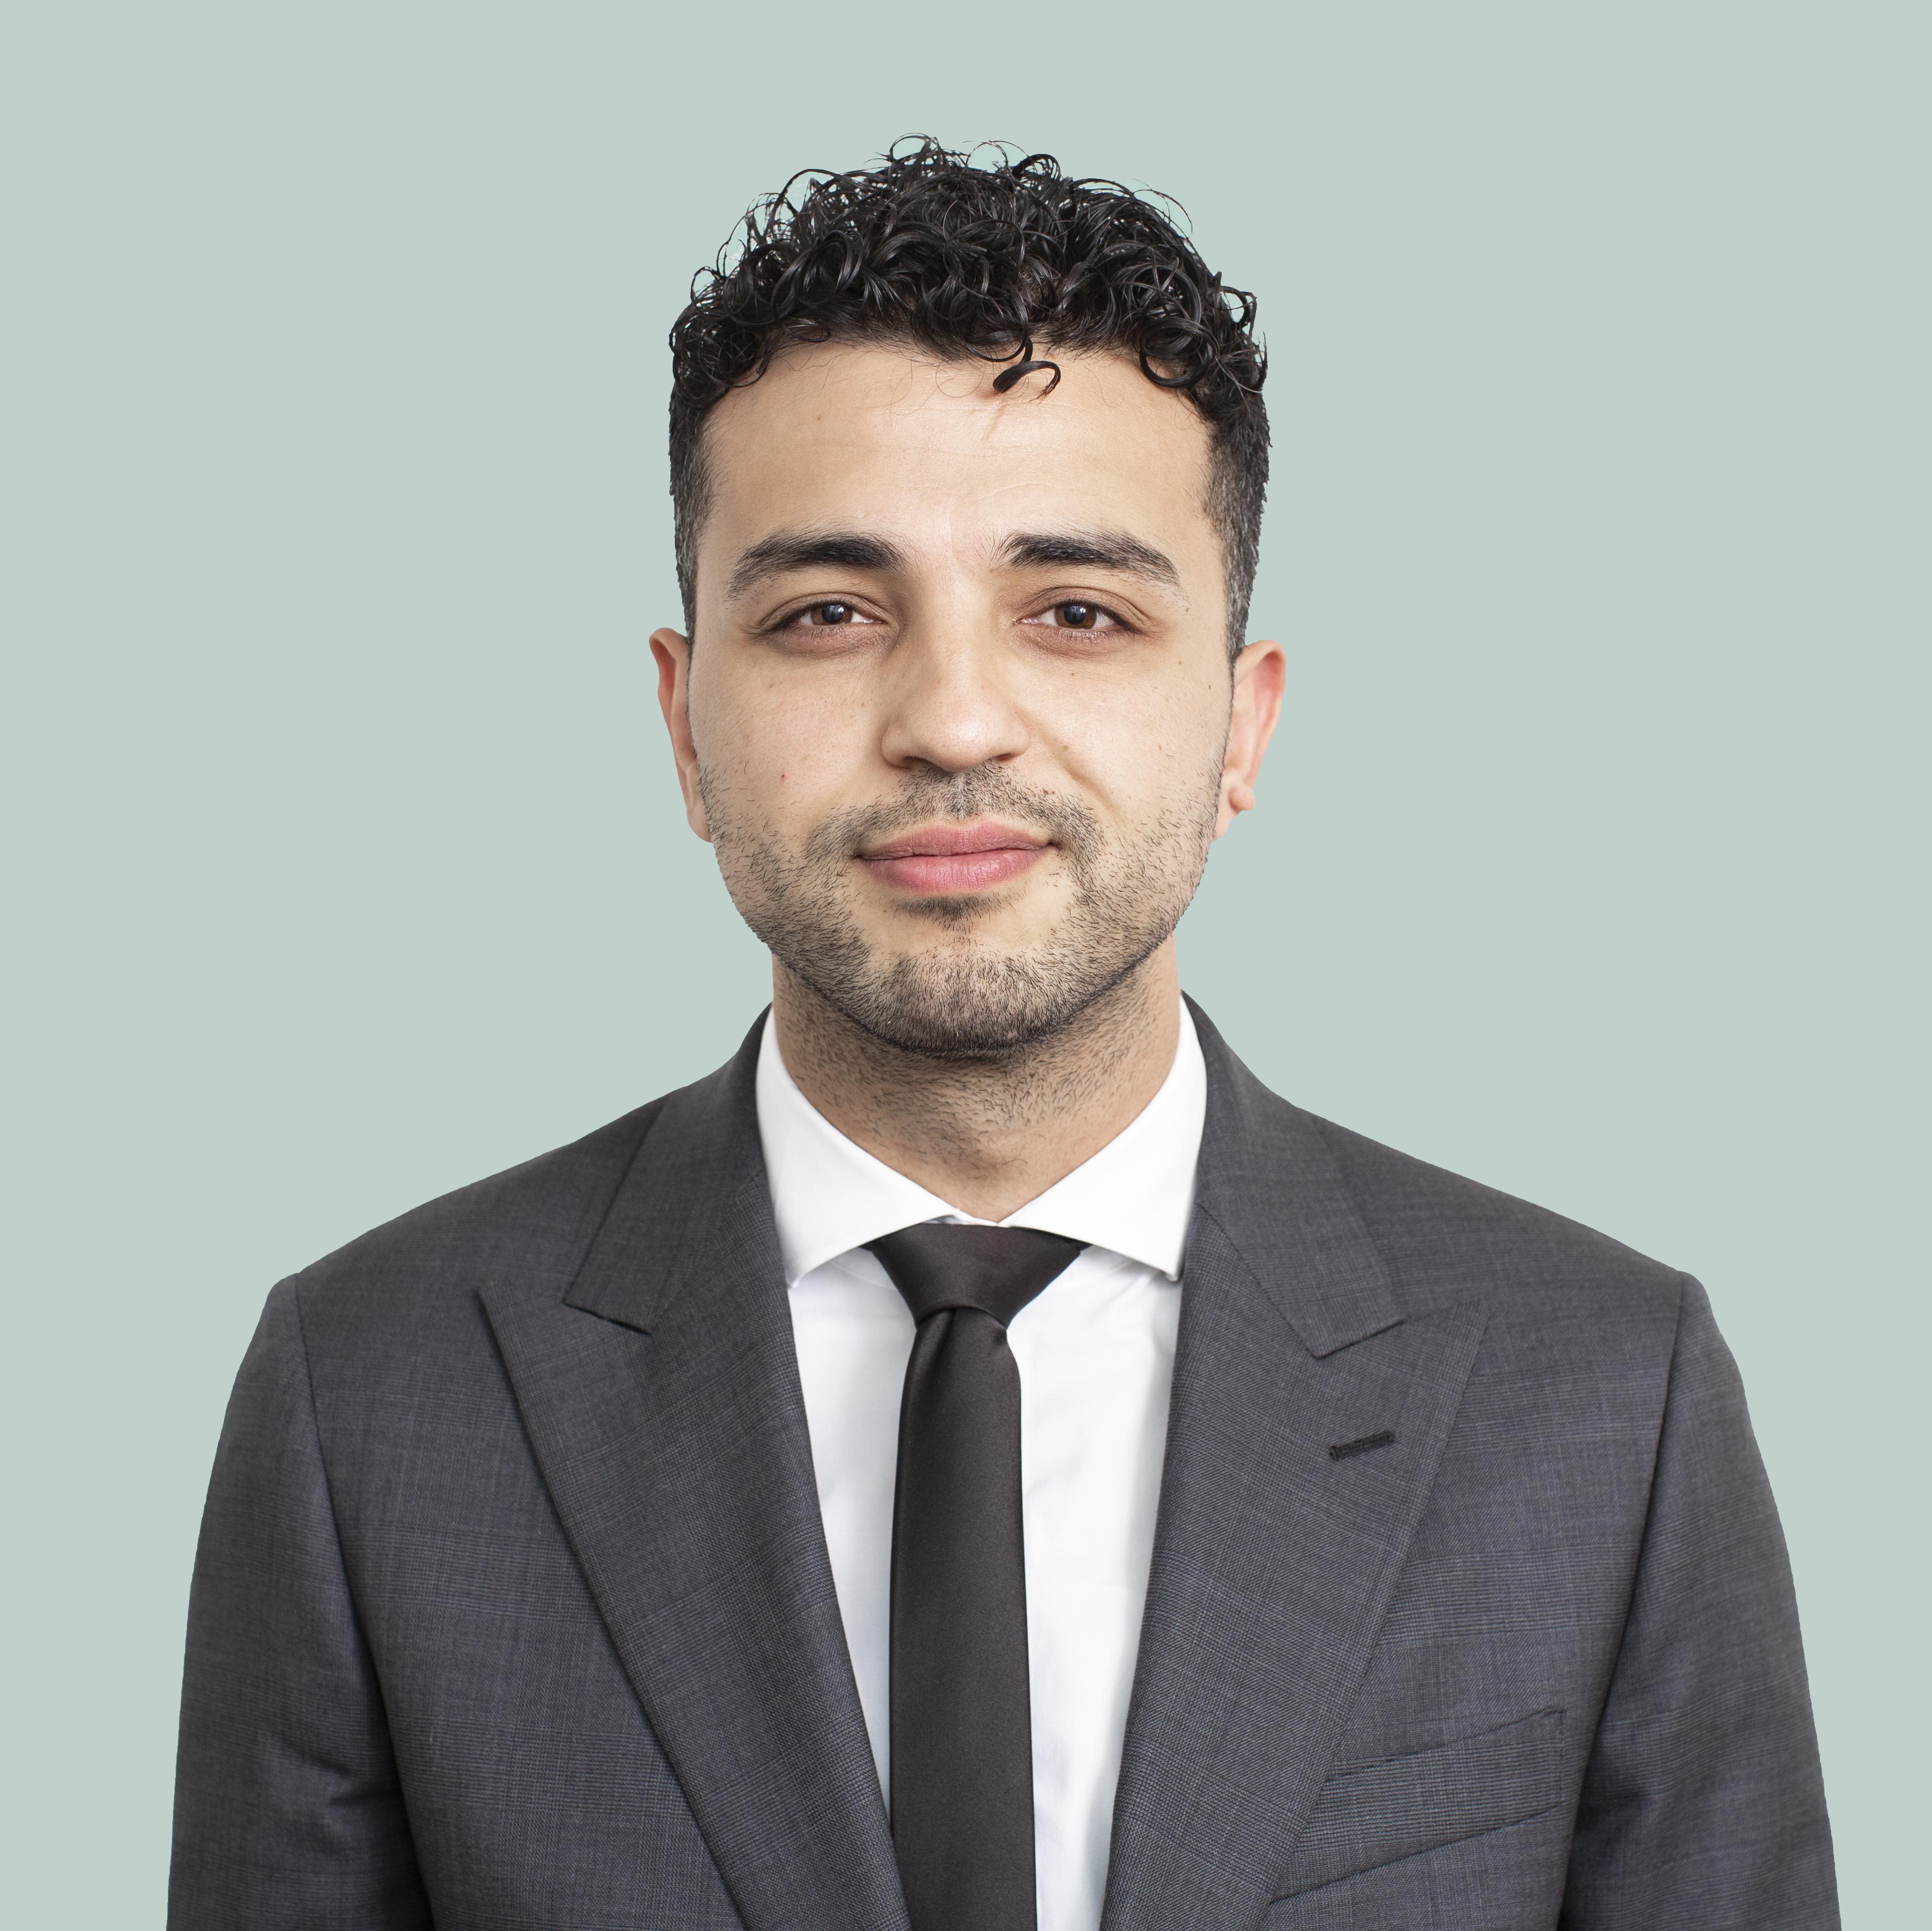 Ahmad Qurishi